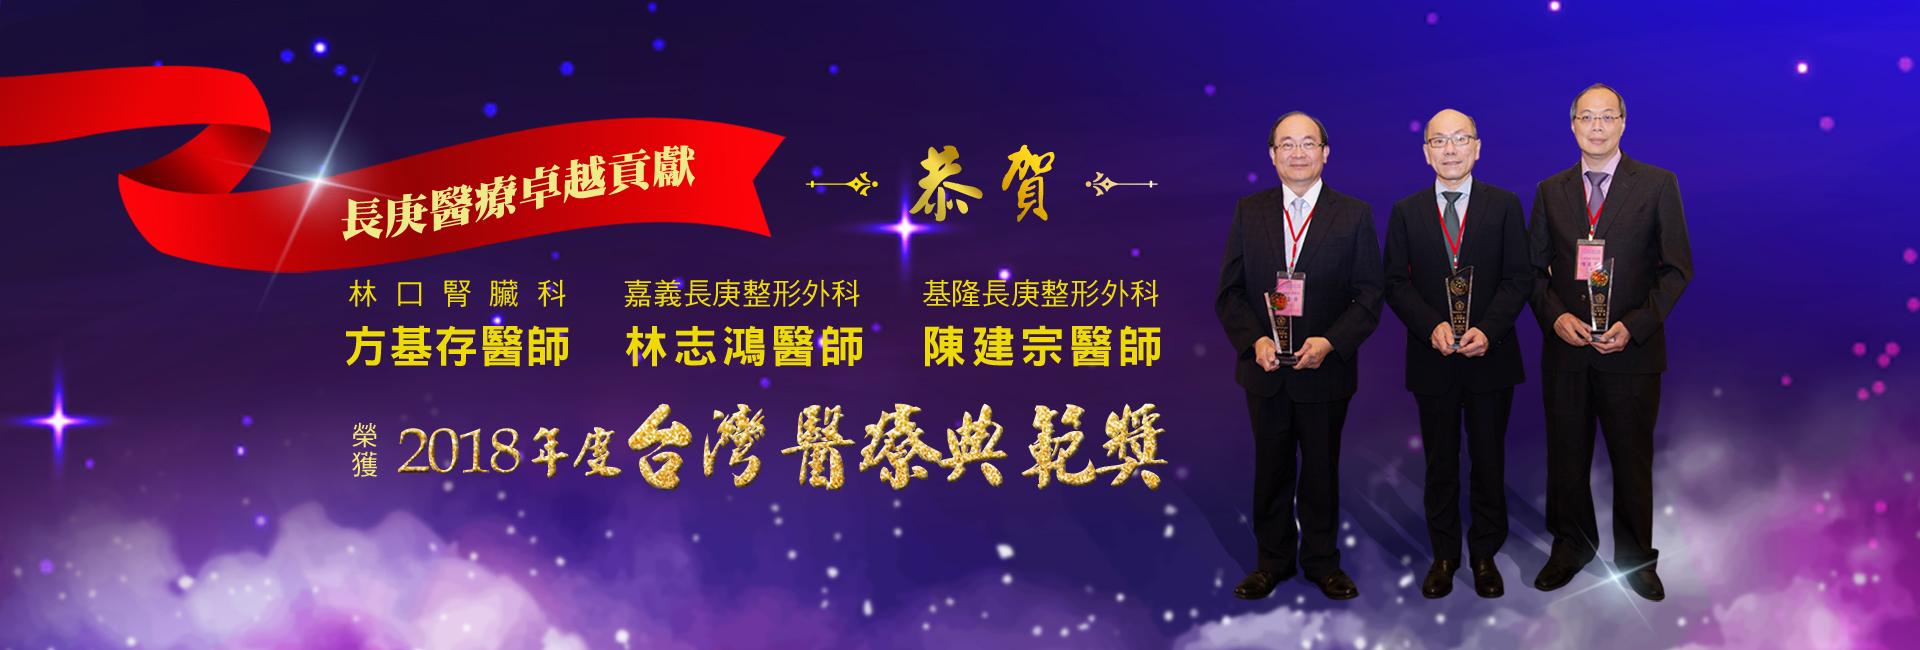 2018台灣醫療典範獎